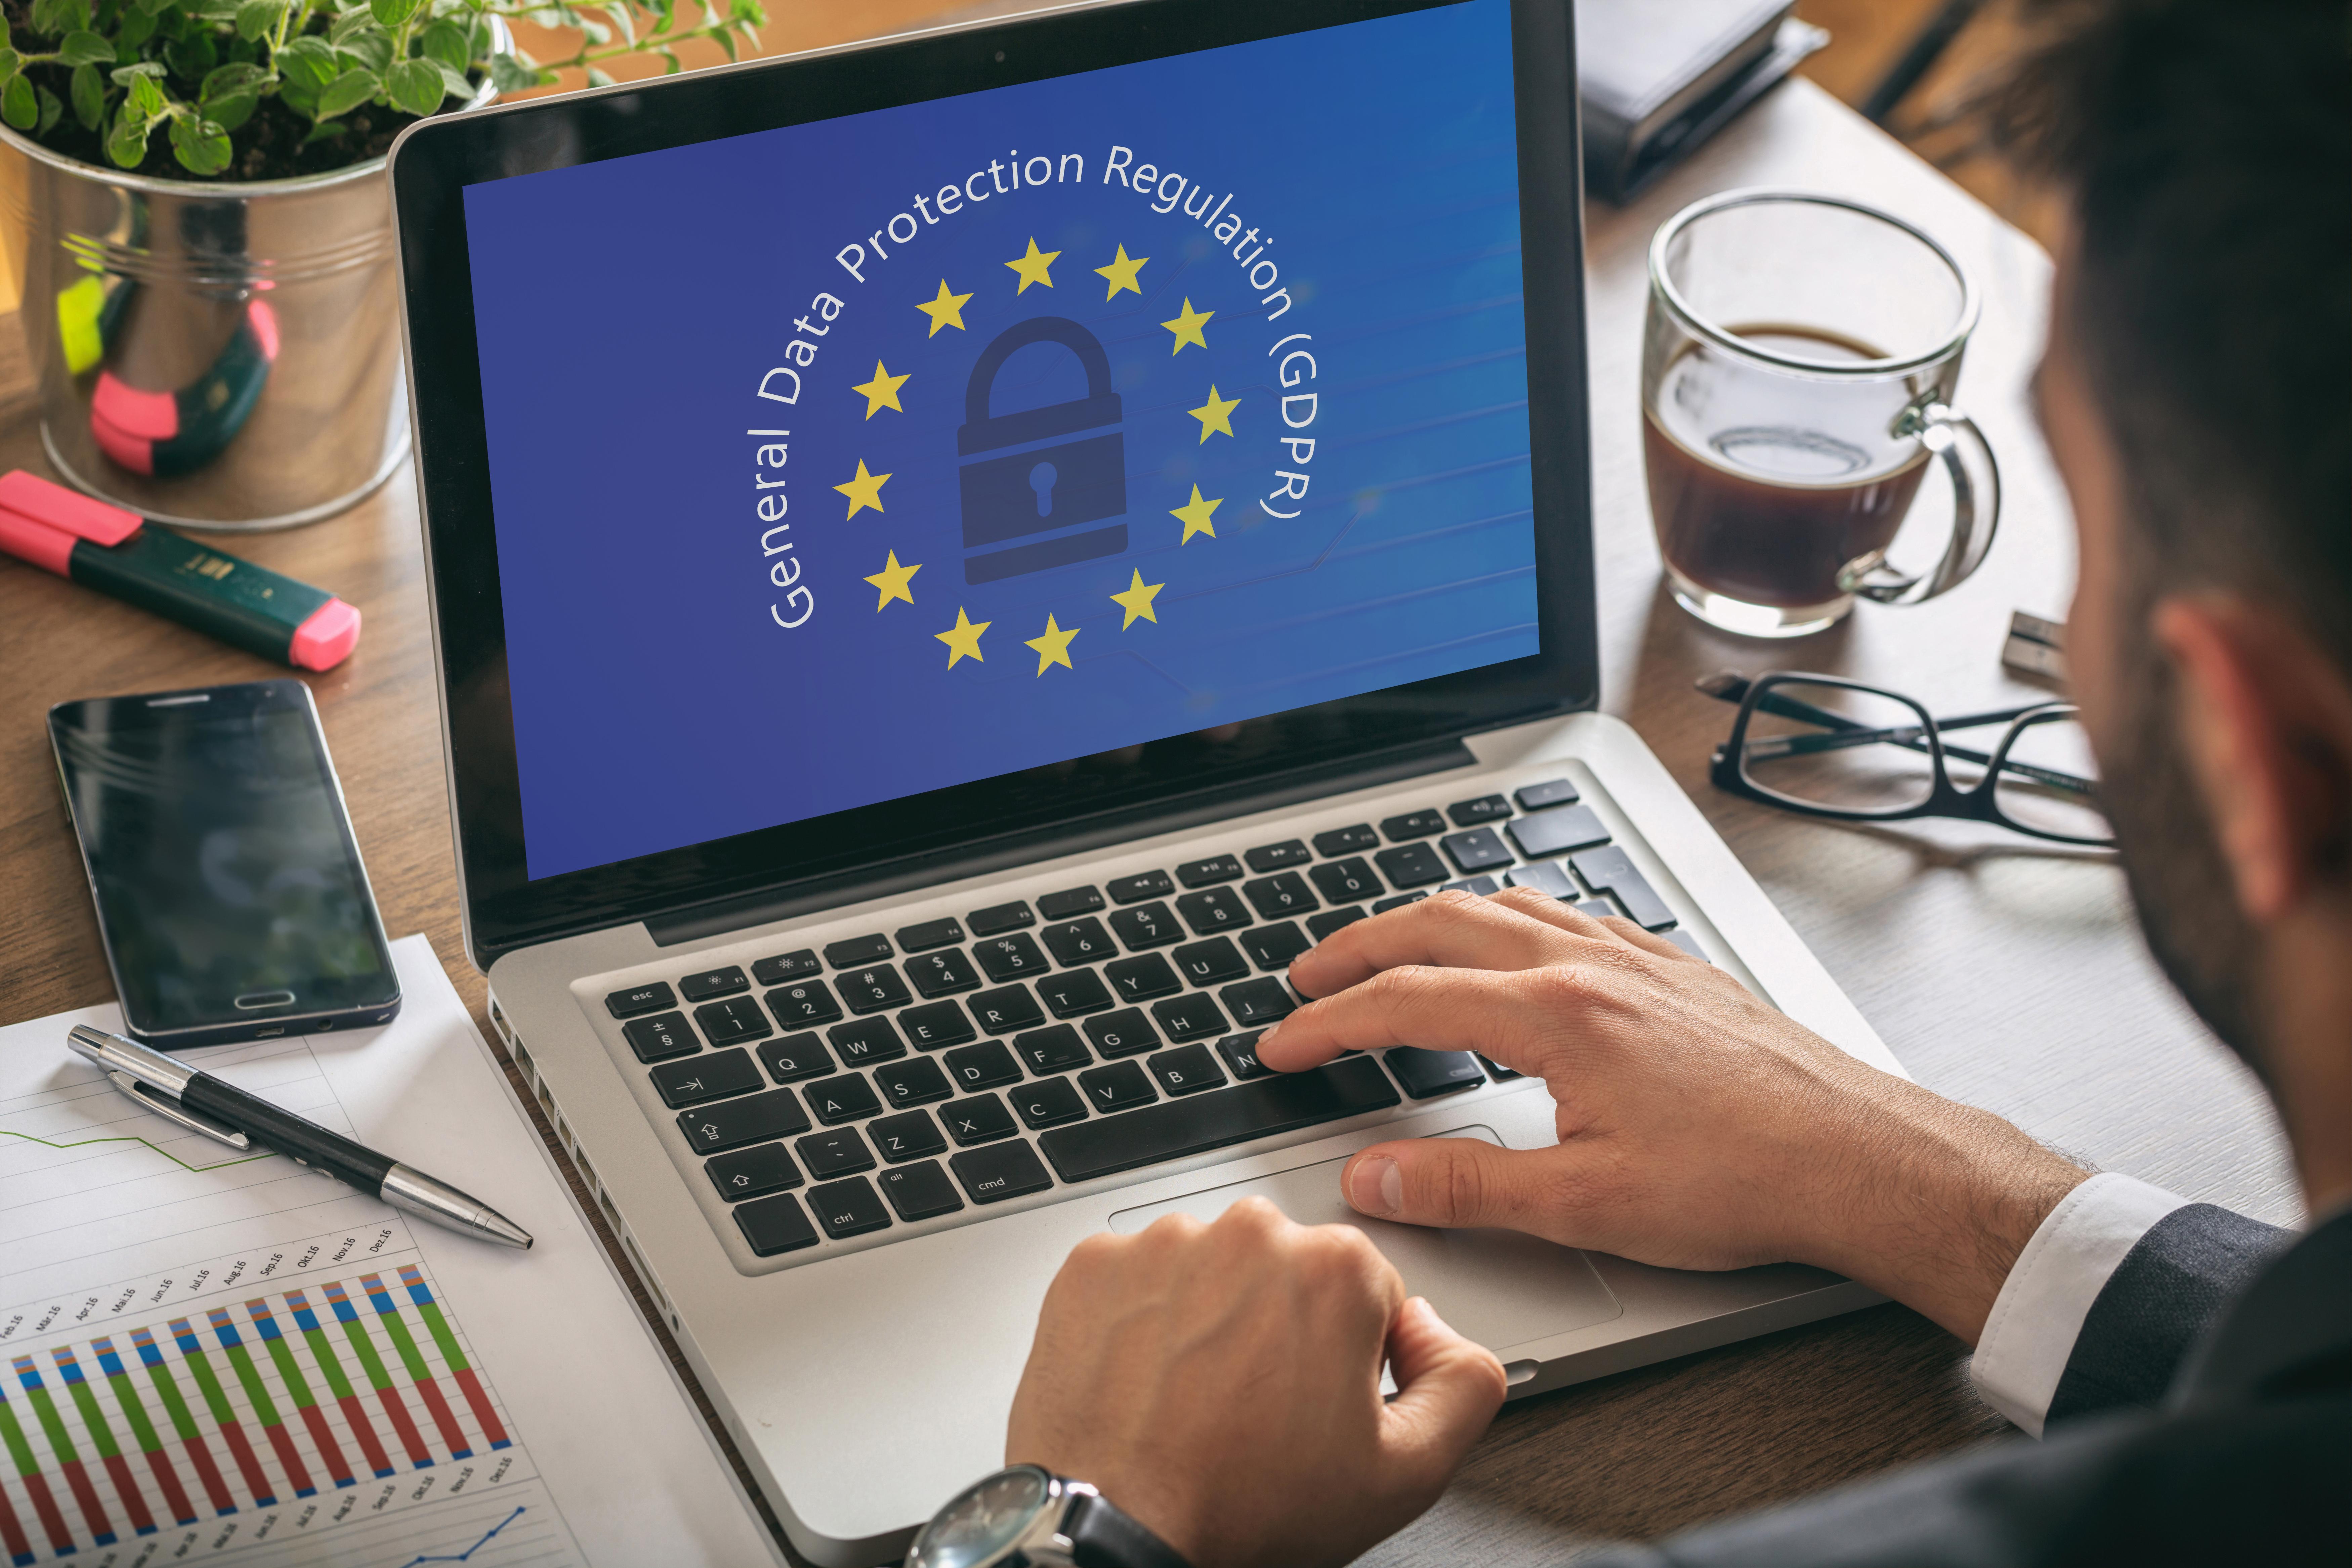 Informationspflichten laut der EU-Datenschutz-Grundverordnung